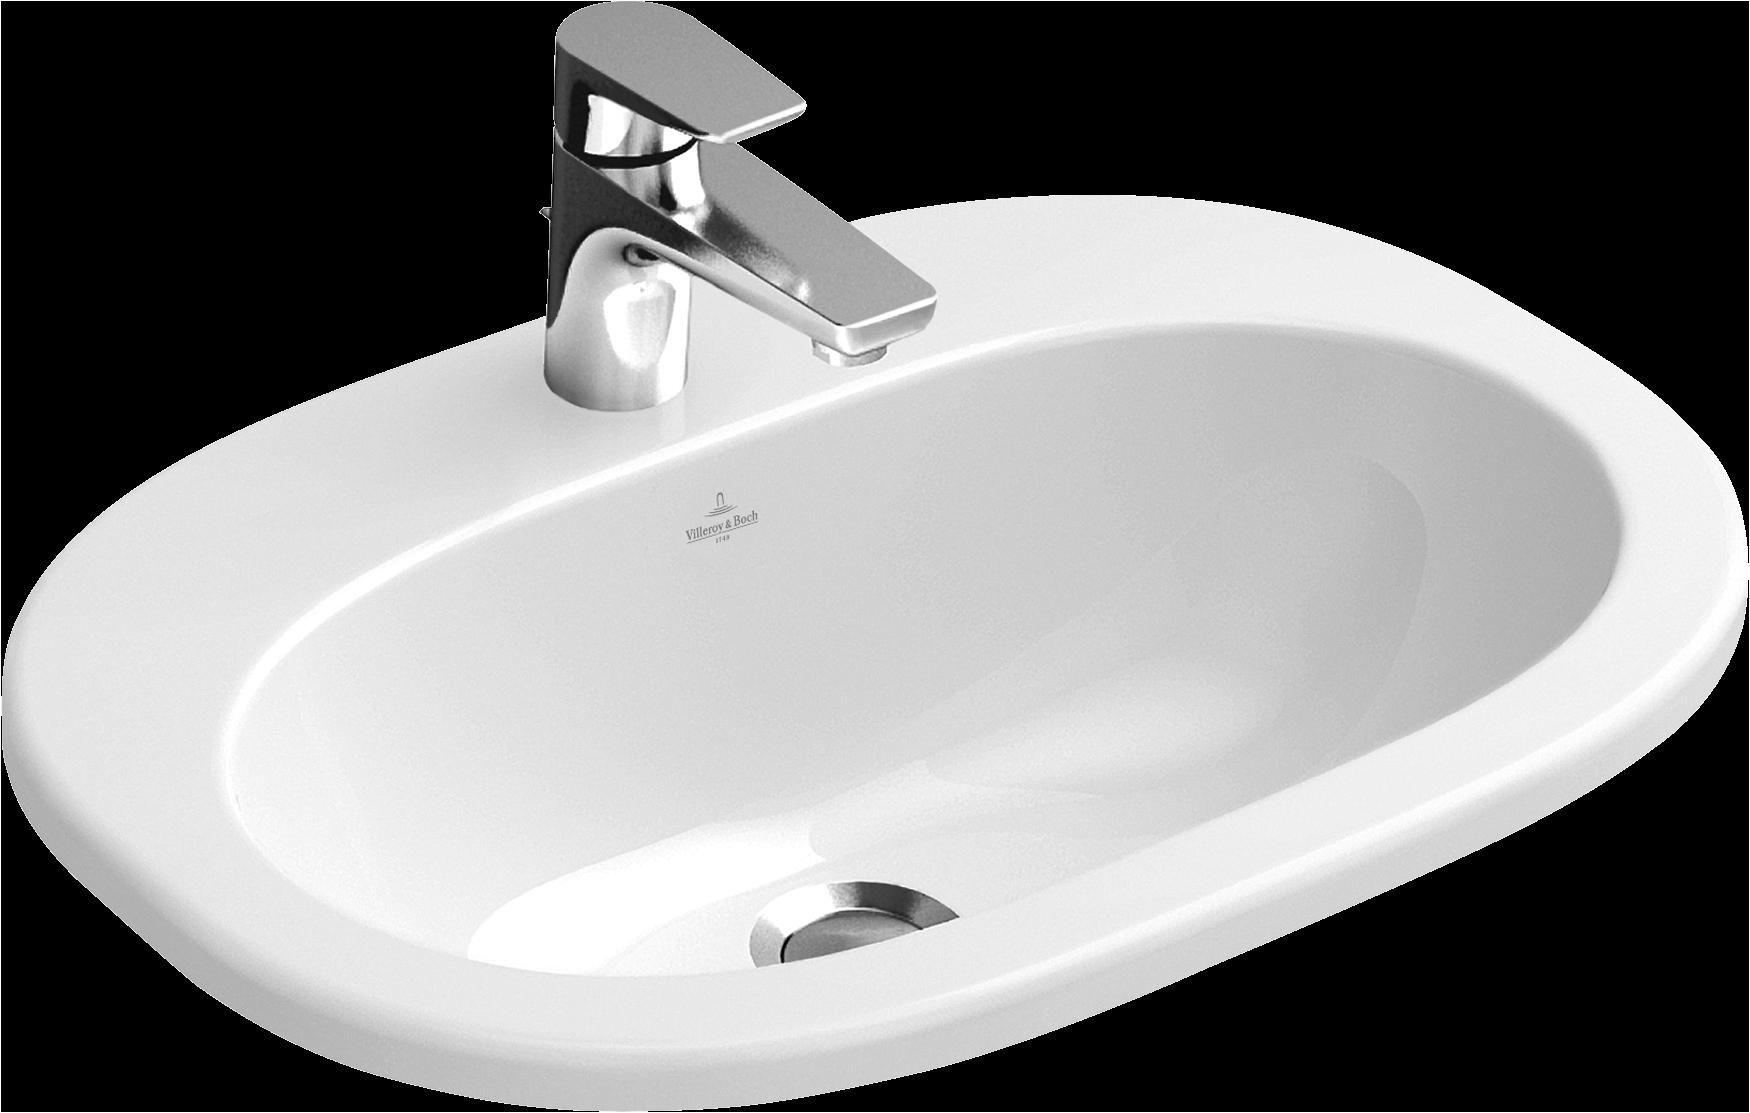 O Novo Built In Washbasin Oval 416156 Wash Basin Basin Villeroy Boch